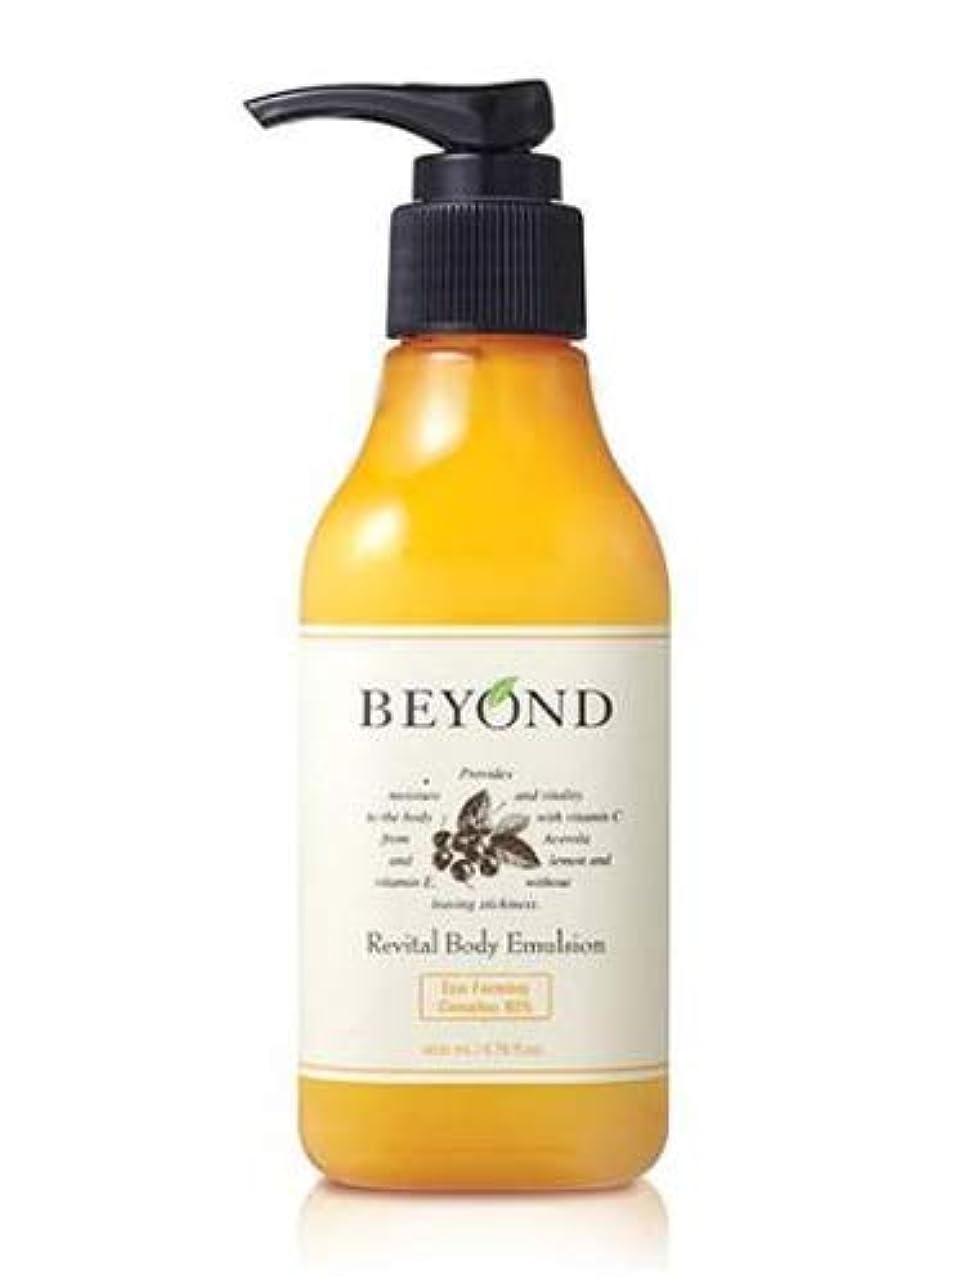 [ビヨンド] BEYOND [リバイタル ボディ エマルション 450ml] Revital Body Emulsion 450ml [海外直送品]